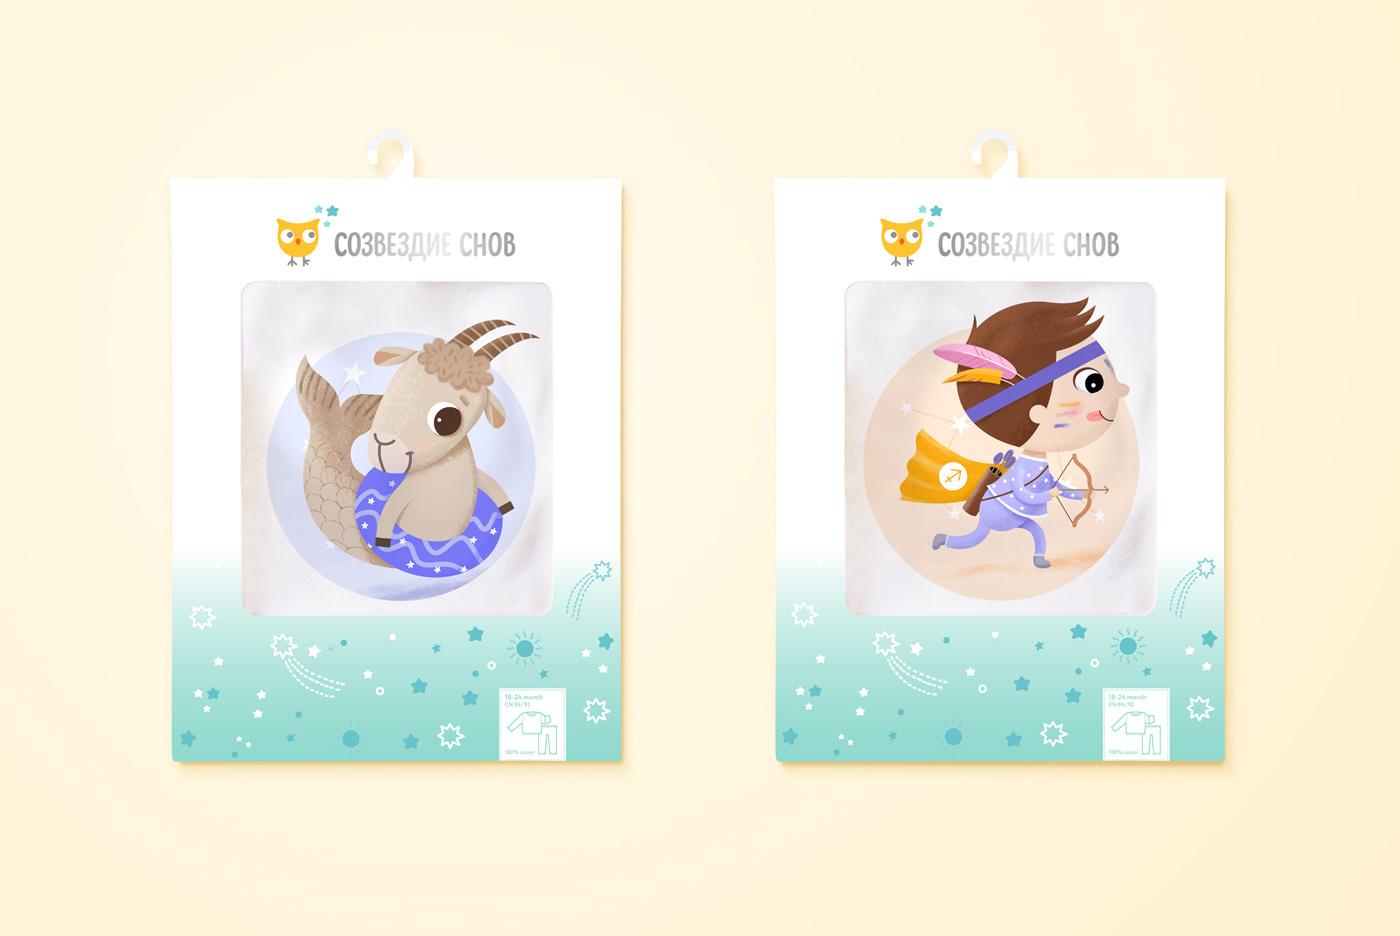 Разработка дизайна упаковки детской одежды «Созвездие снов»